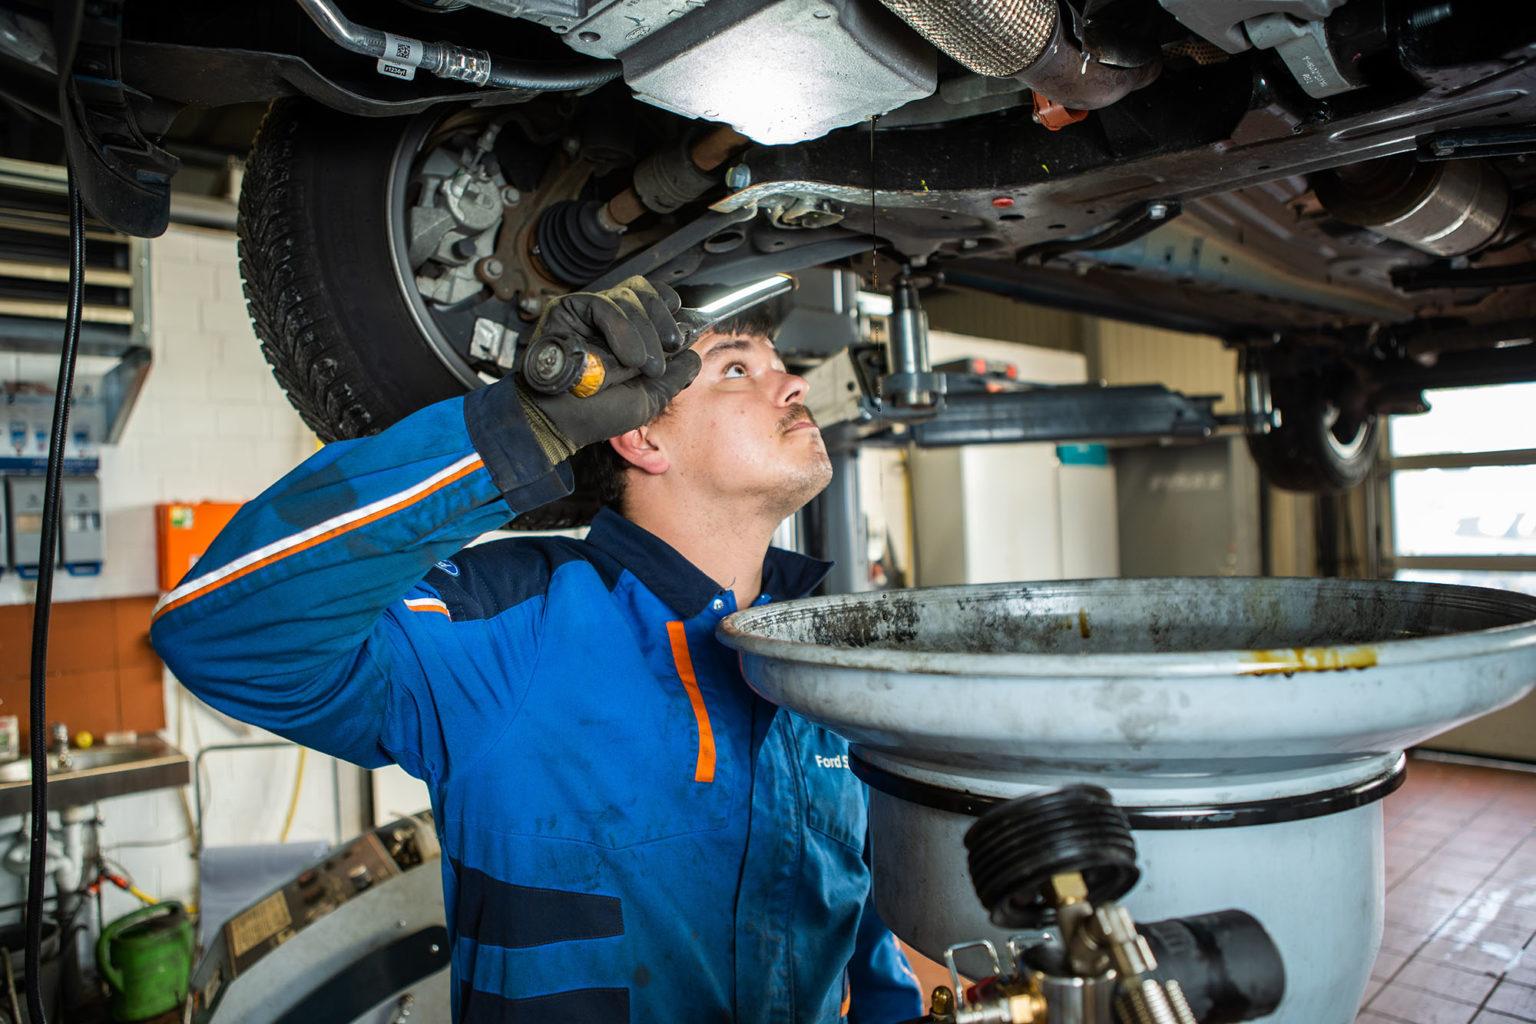 Service für Autos und Fahrzeuge der Marke Ford und allen Fahrzeugmarken in Helmstedt erhalten Sie im Autohaus Martin.